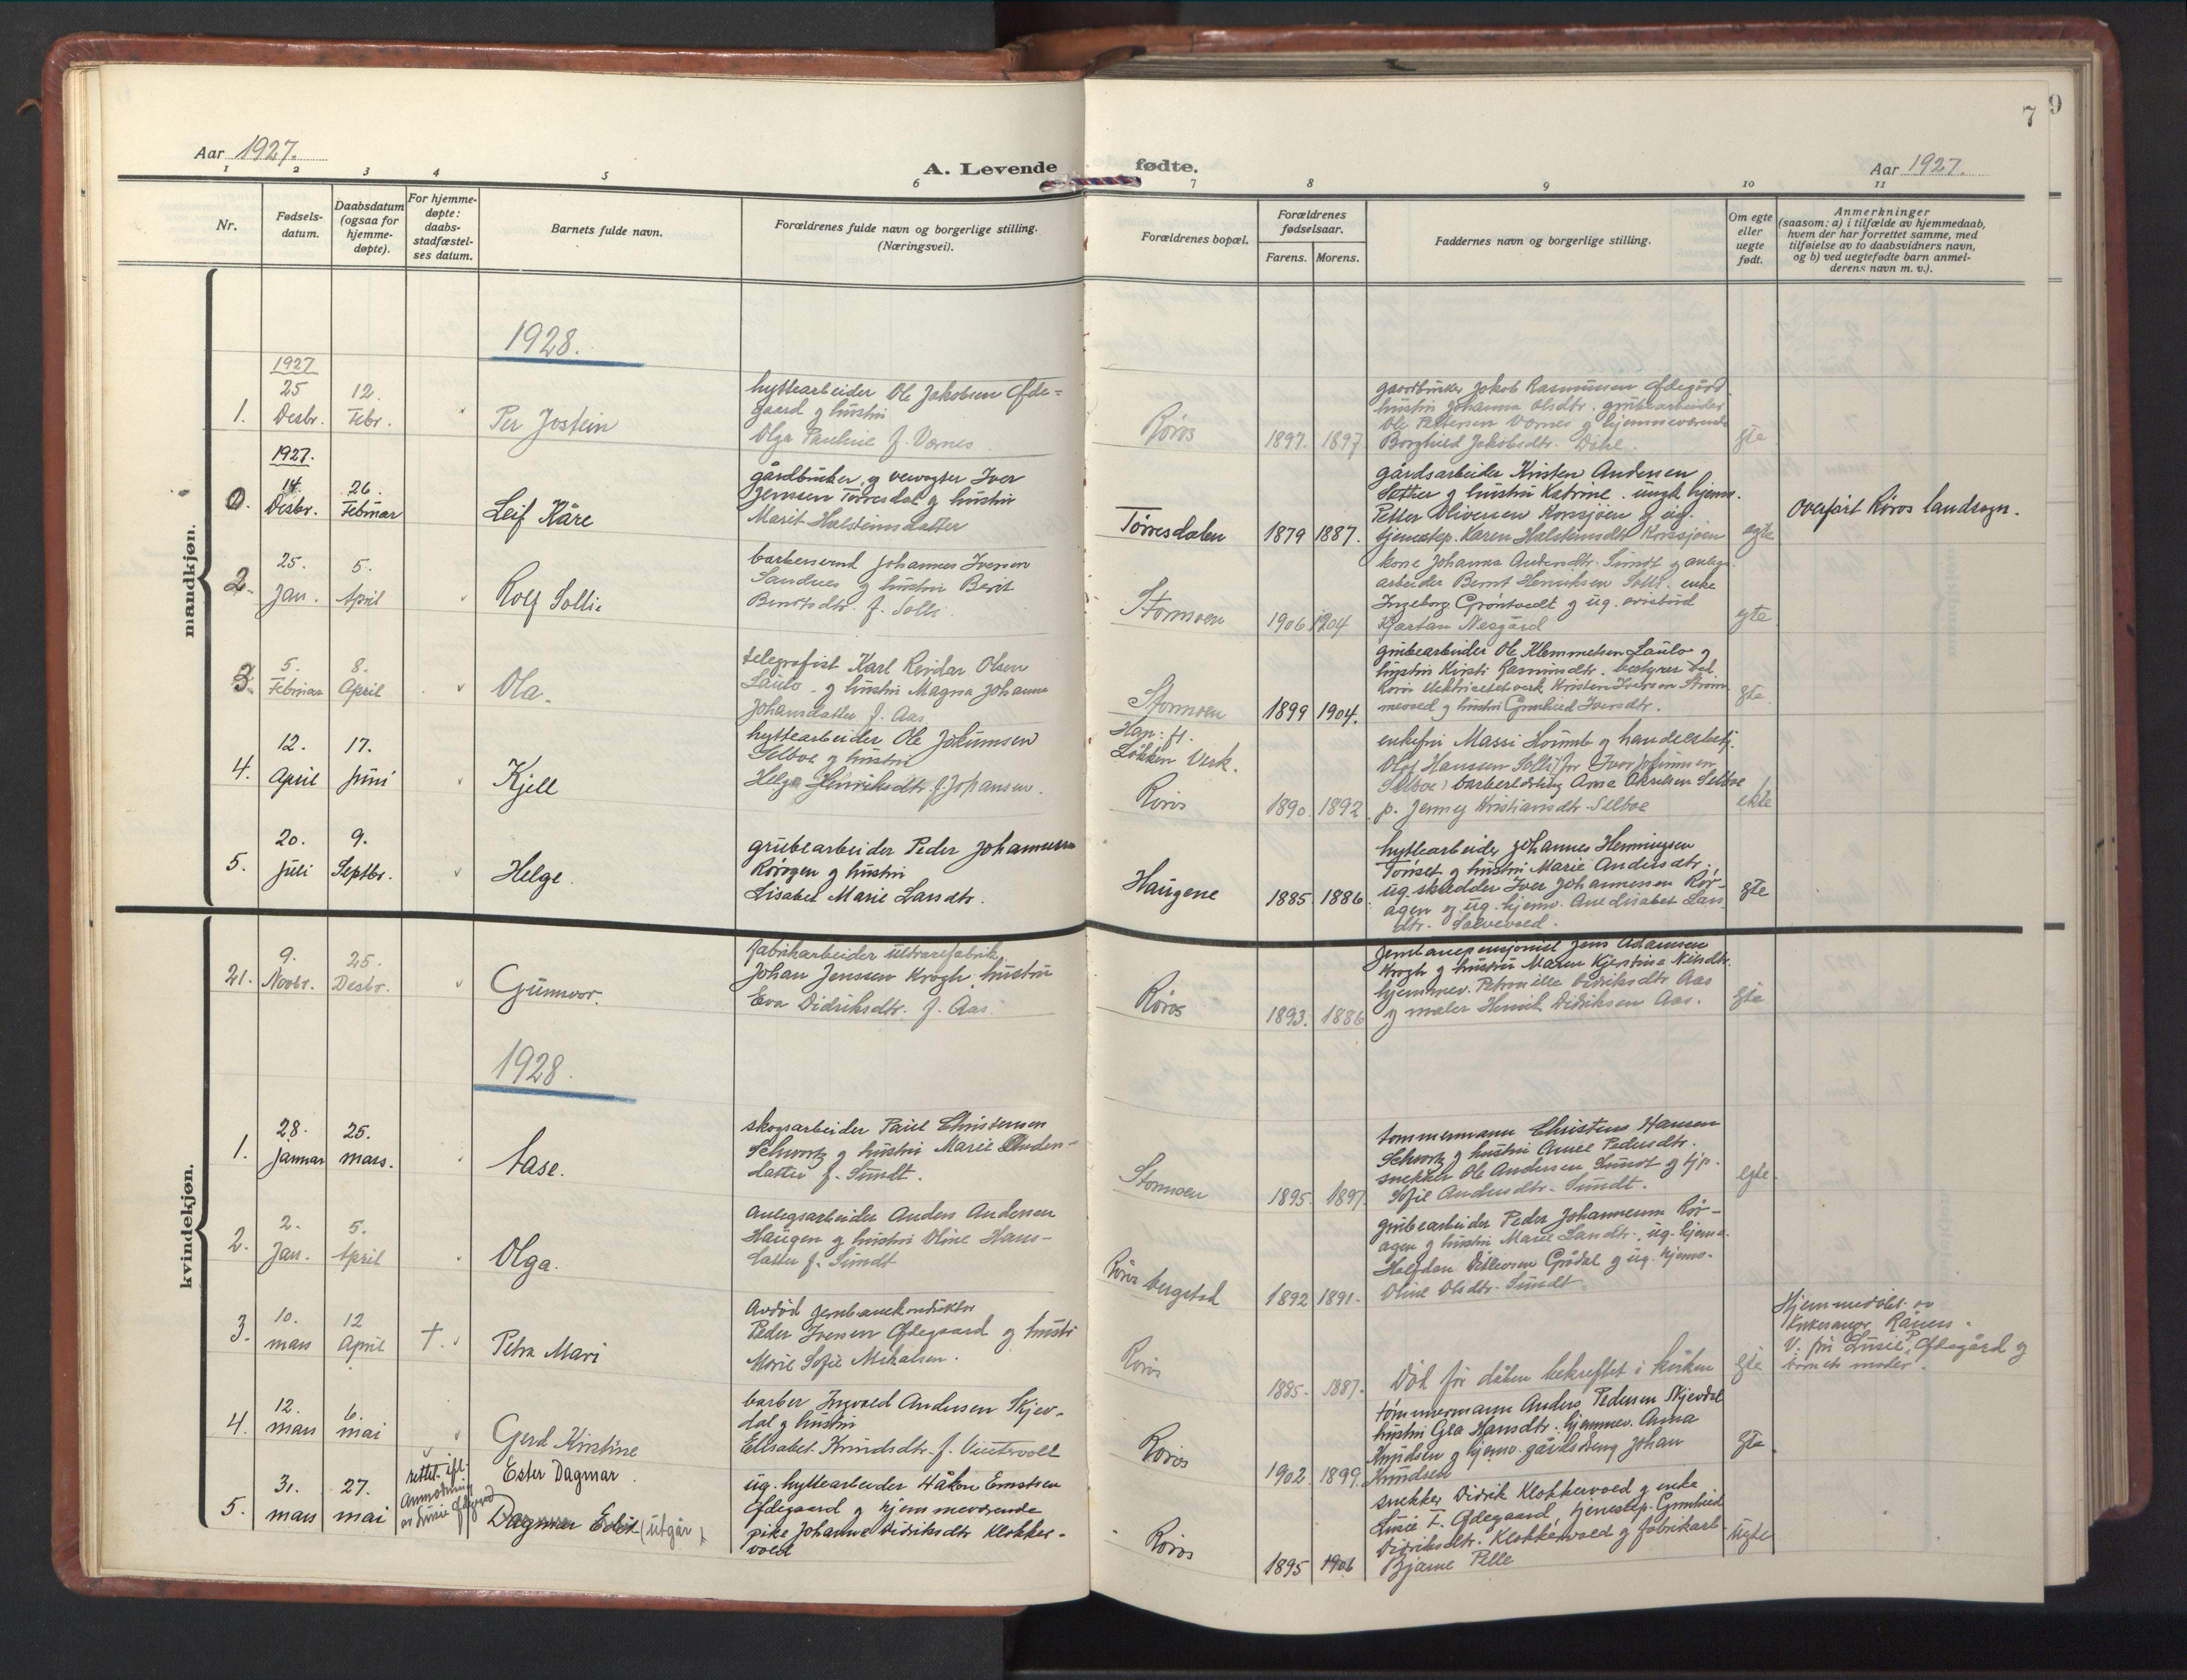 SAT, Ministerialprotokoller, klokkerbøker og fødselsregistre - Sør-Trøndelag, 681/L0943: Klokkerbok nr. 681C07, 1926-1954, s. 7